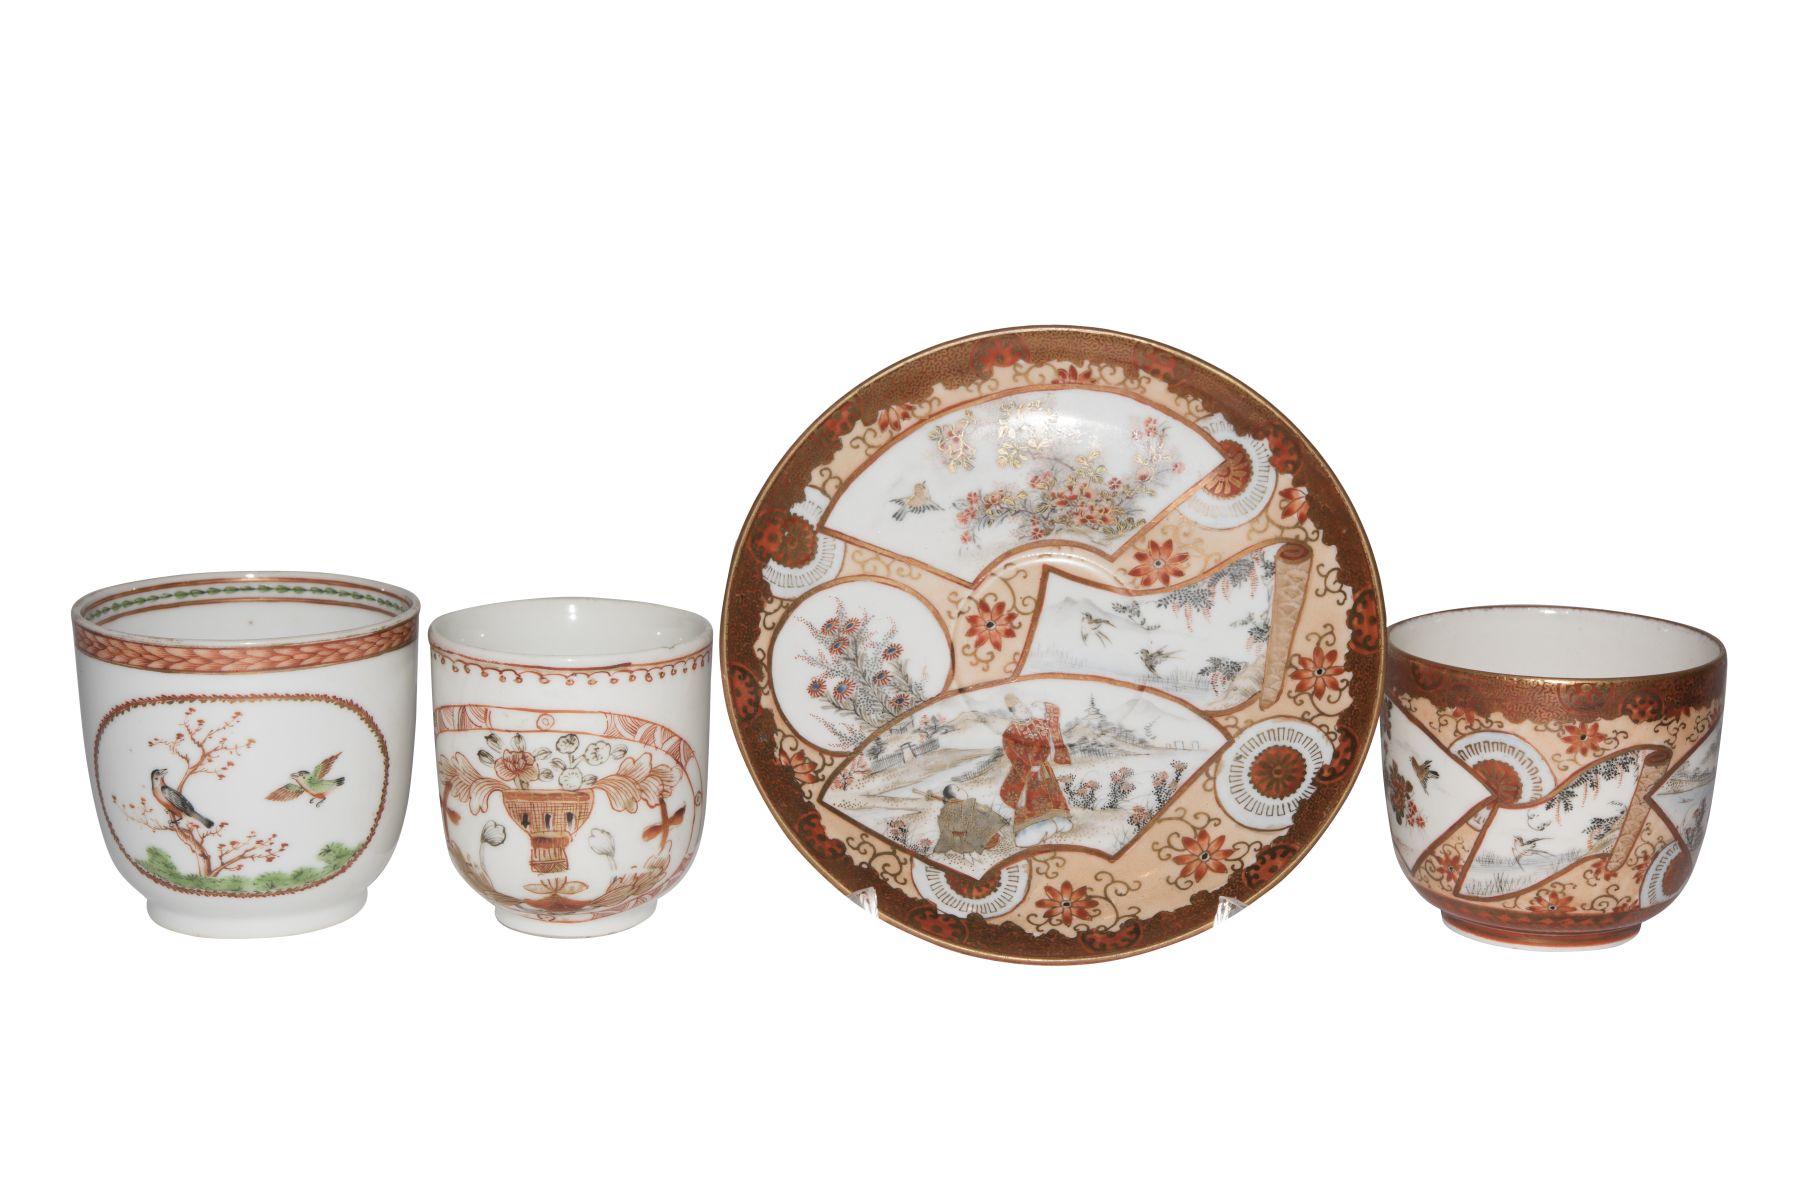 #78 Three cups and one saucer with flowers and birds | Drei Tassen und eine Untertasse mit Blumen und Vögeln Image